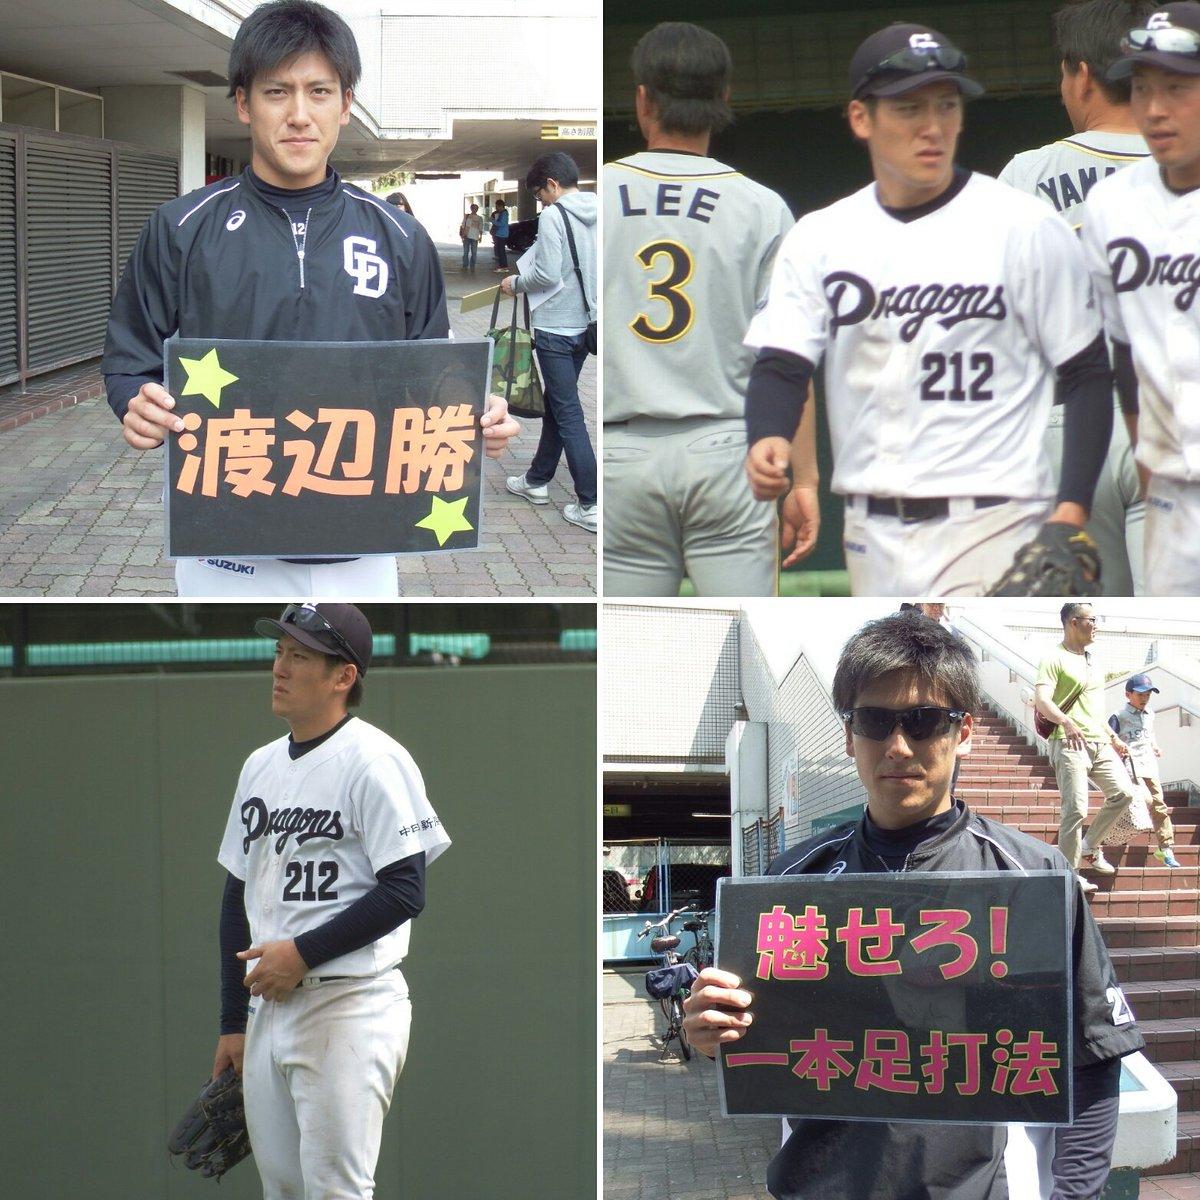 西川健太郎の画像 p1_23